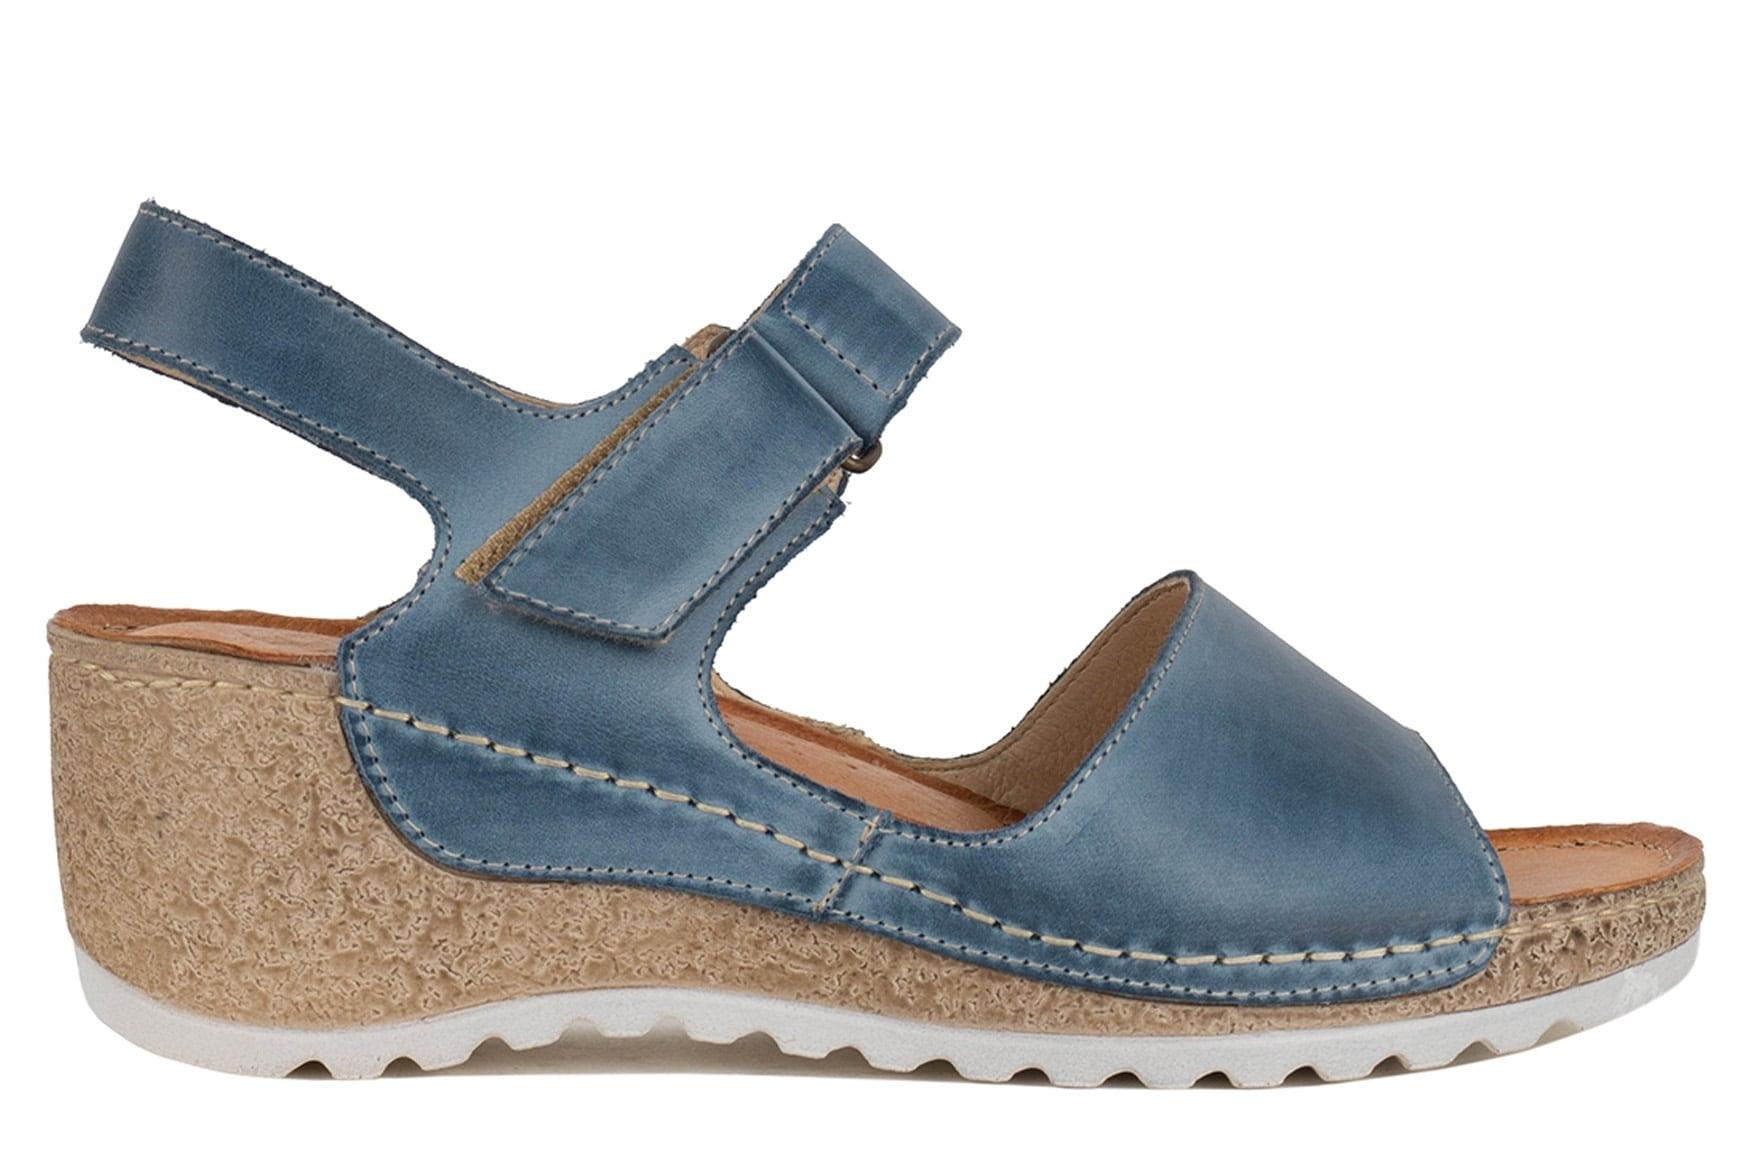 Сандалии Wasak 0474 jeans Джинсовые 41 (2960440091717)